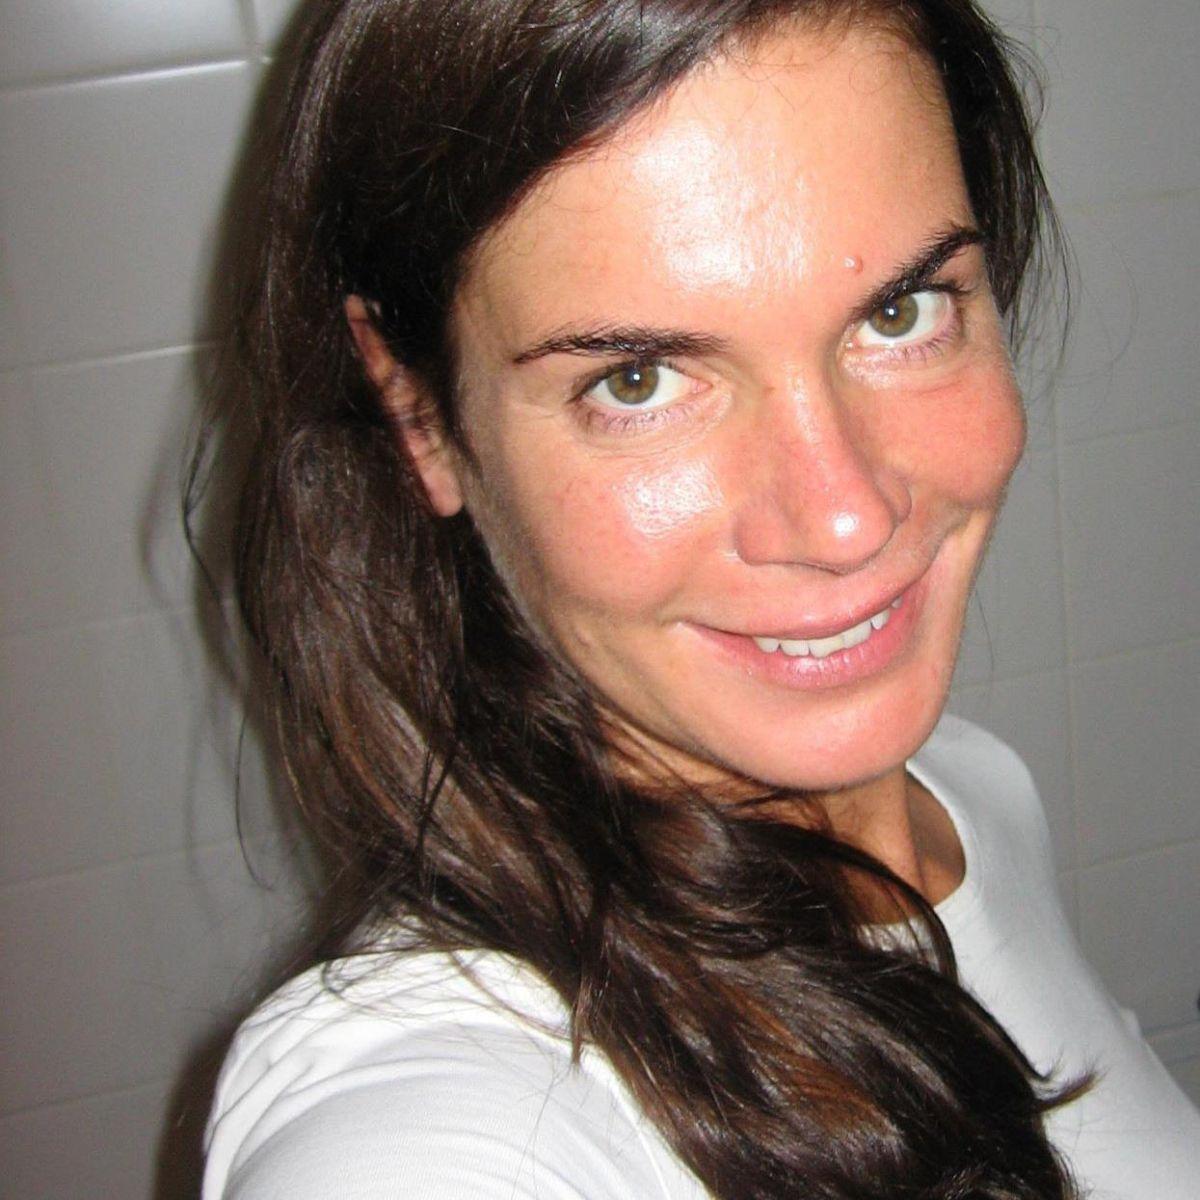 41 jarige vrouw uit Aublain Namen zoekt man voor Spannend contact, Cybersex, Fantasie delen